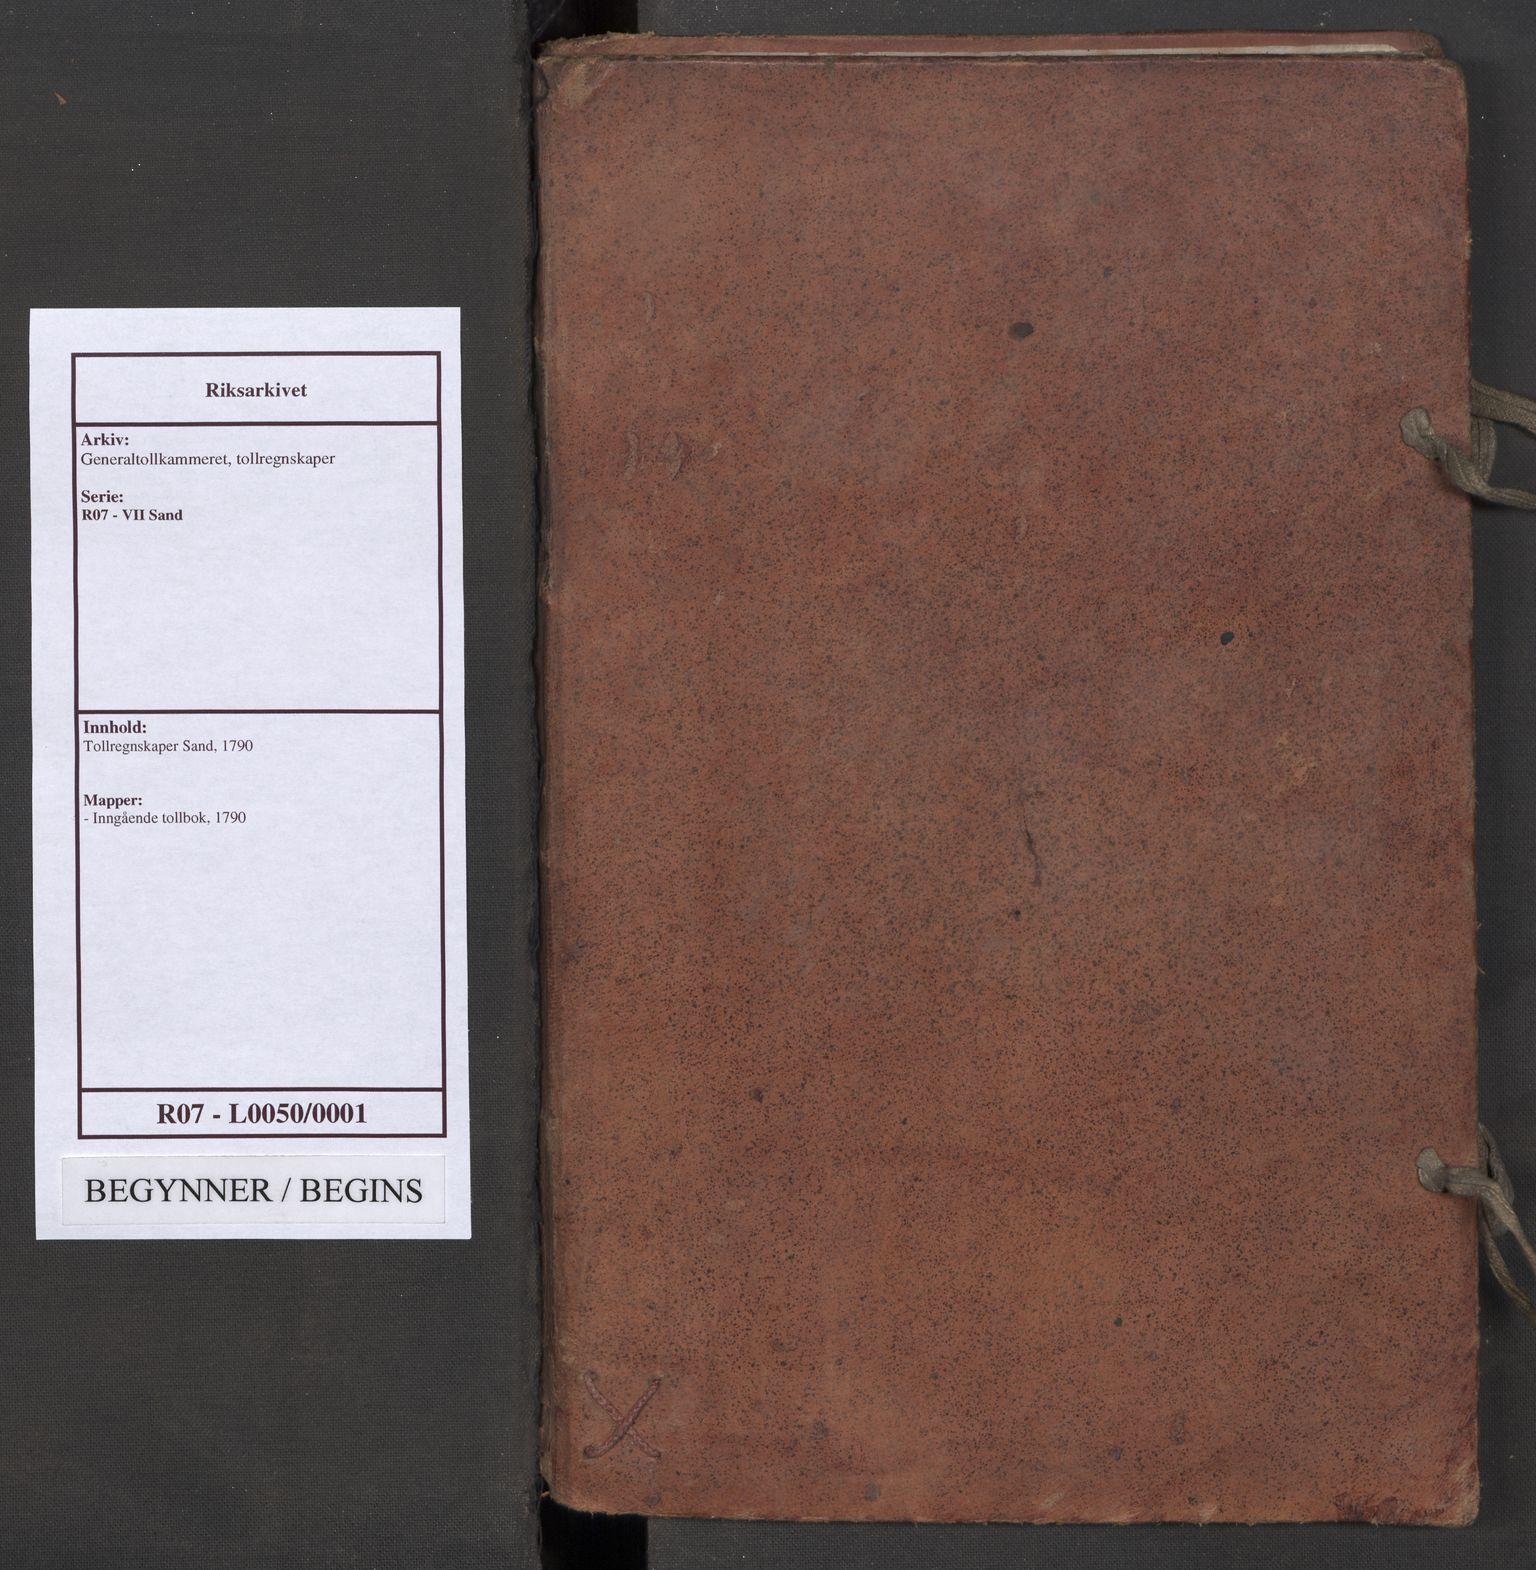 RA, Generaltollkammeret, tollregnskaper, R07/L0050: Tollregnskaper Sand, 1790